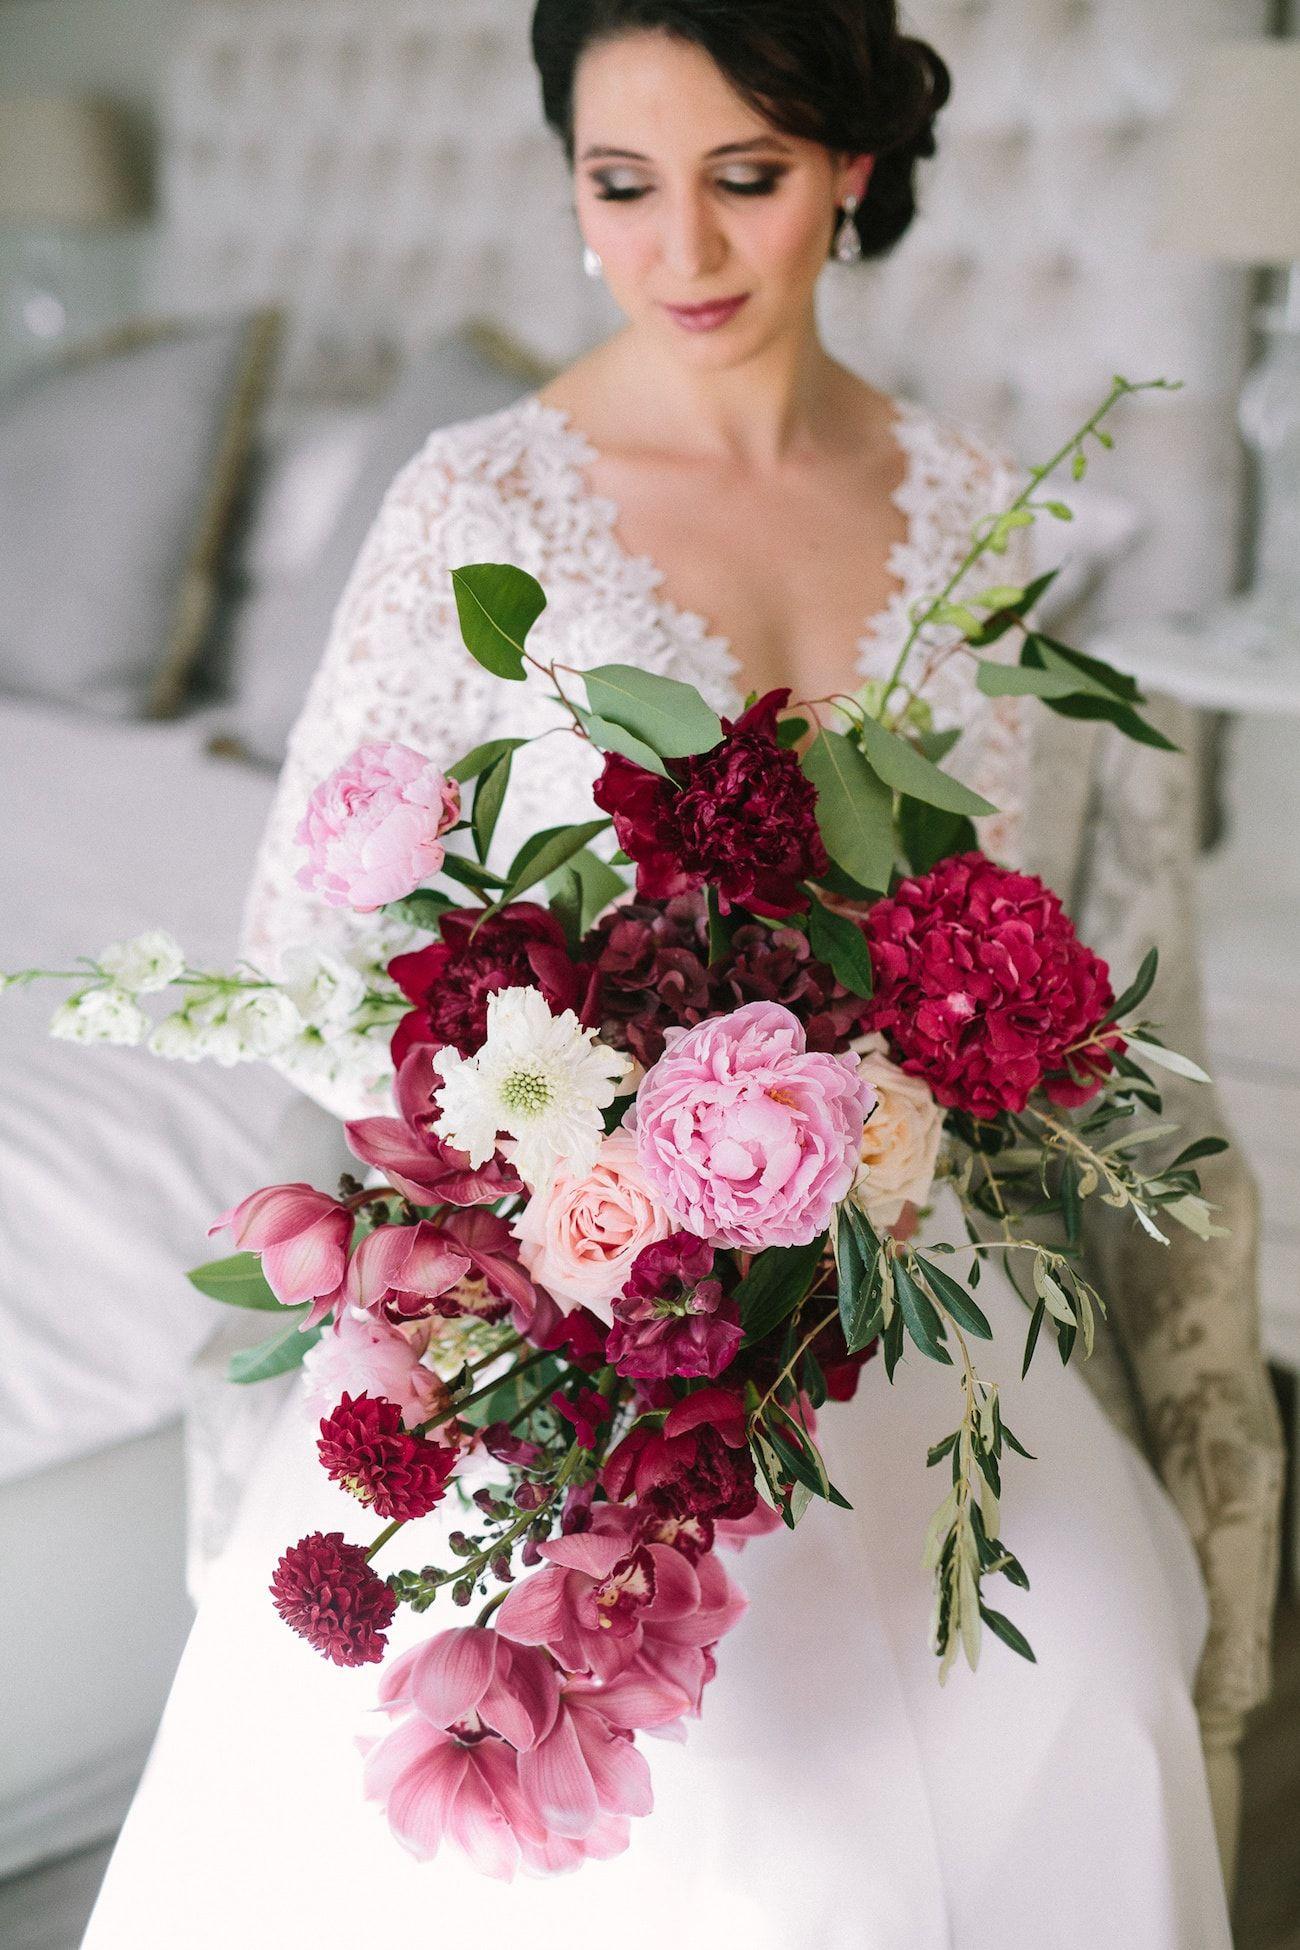 20 Best Wedding Bouquets of 2017 Burgundy wedding